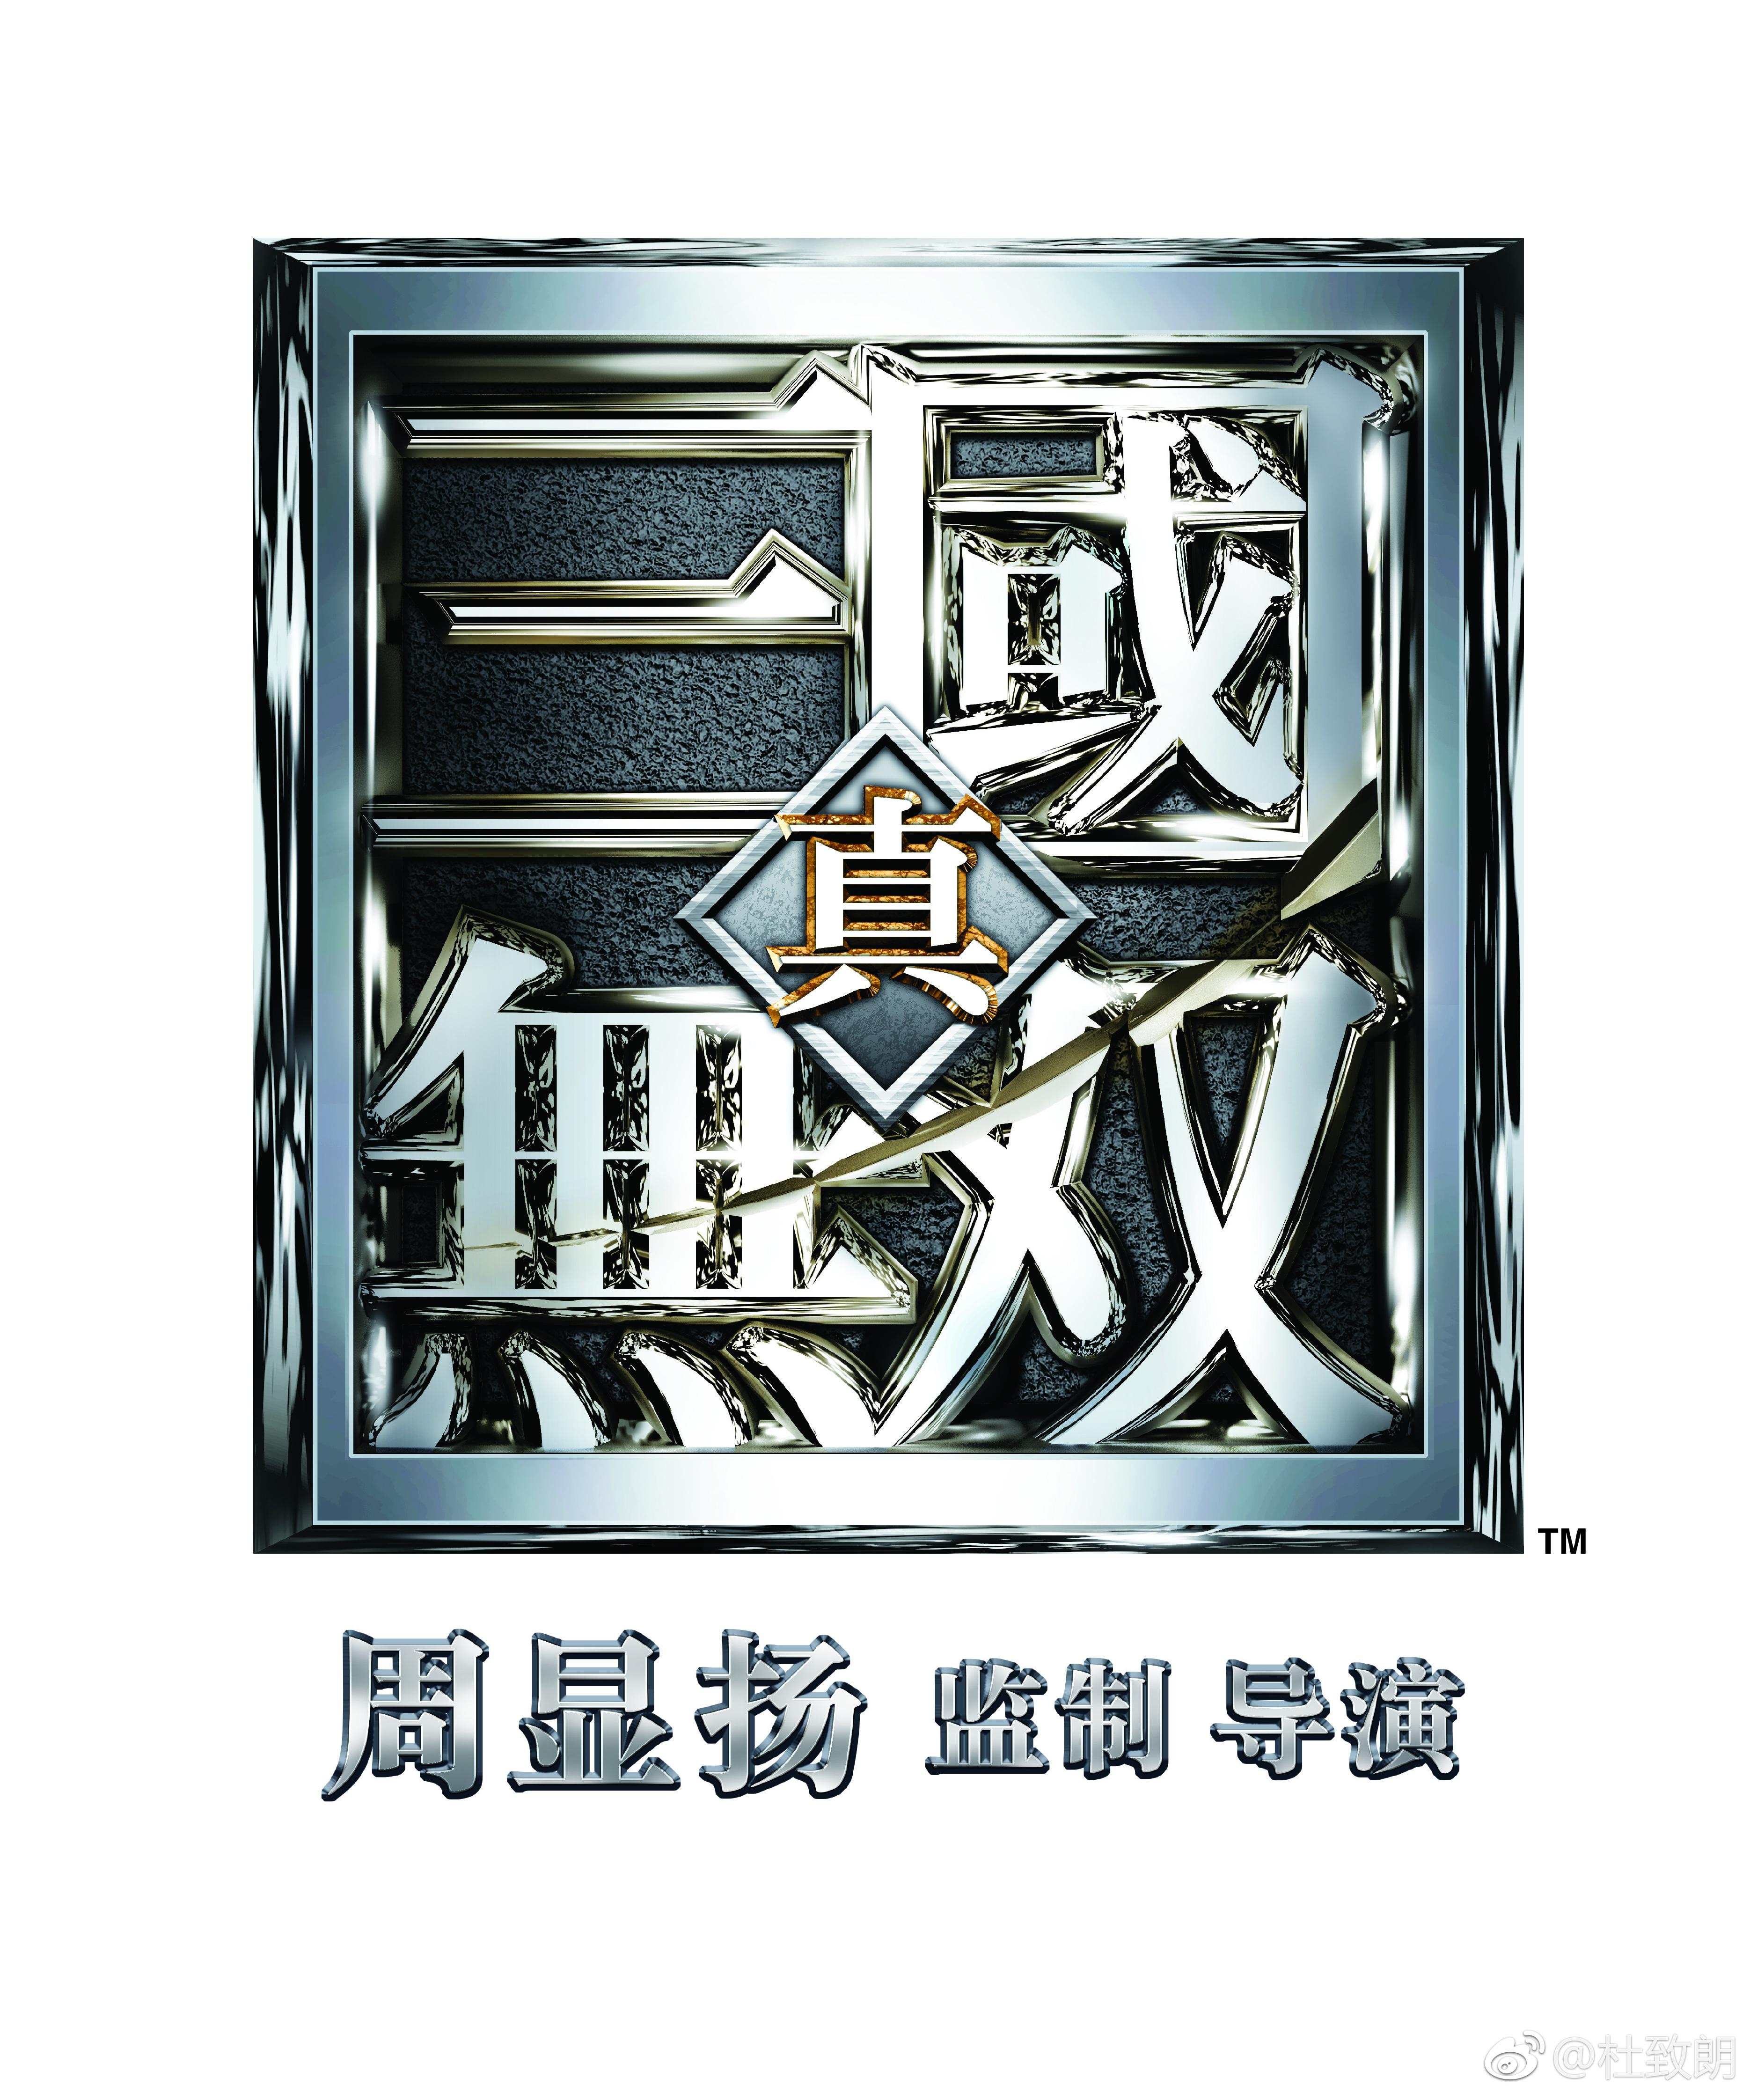 Dynasty Warriors Imdb